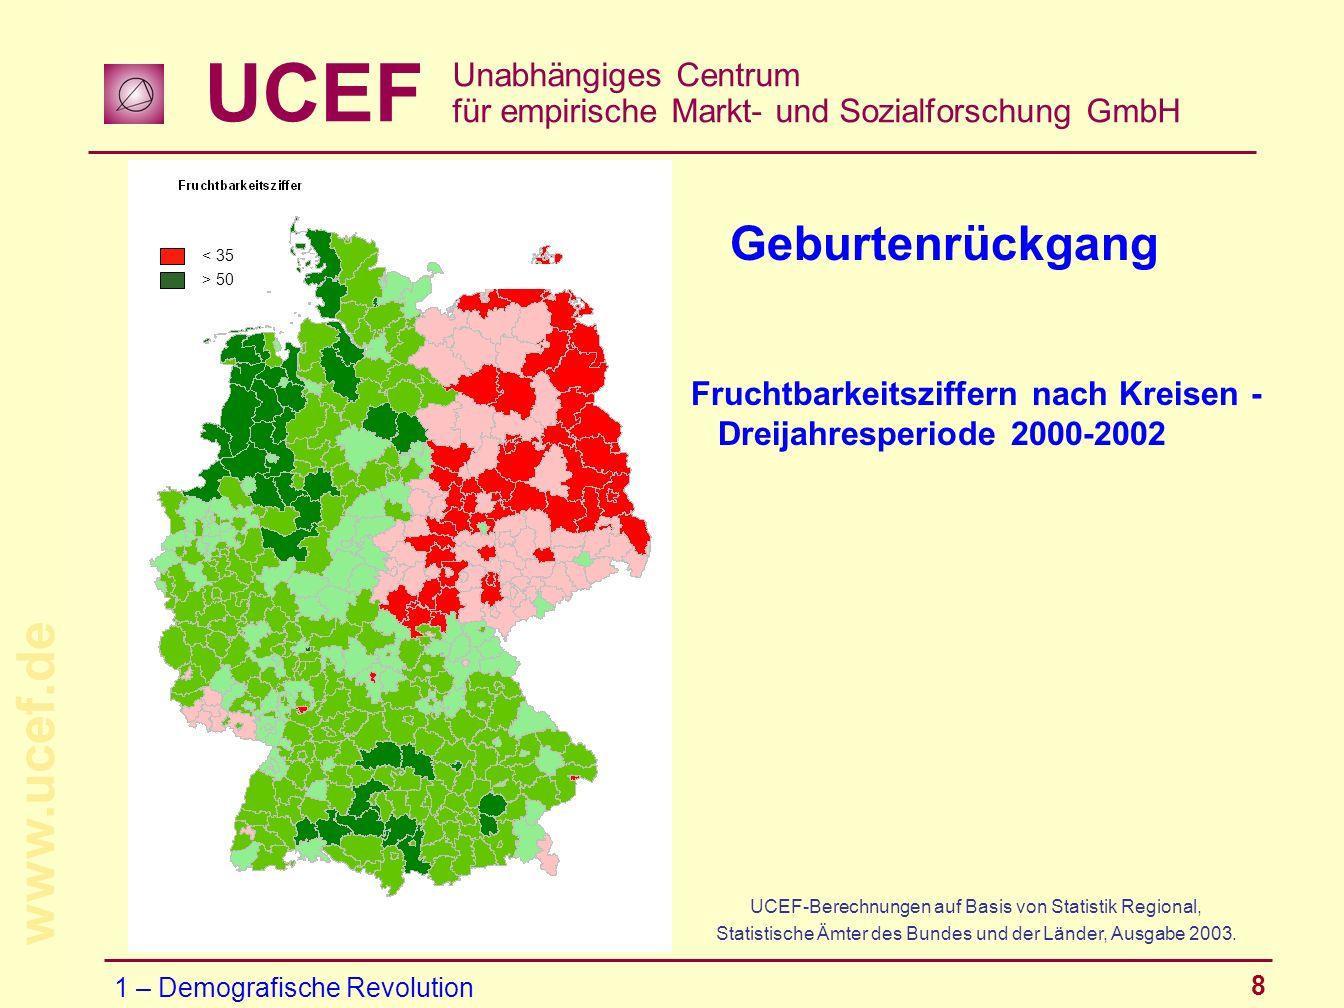 UCEF Unabhängiges Centrum für empirische Markt- und Sozialforschung GmbH www.ucef.de 8 < 35 > 50 Fruchtbarkeitsziffern nach Kreisen - Dreijahresperiod